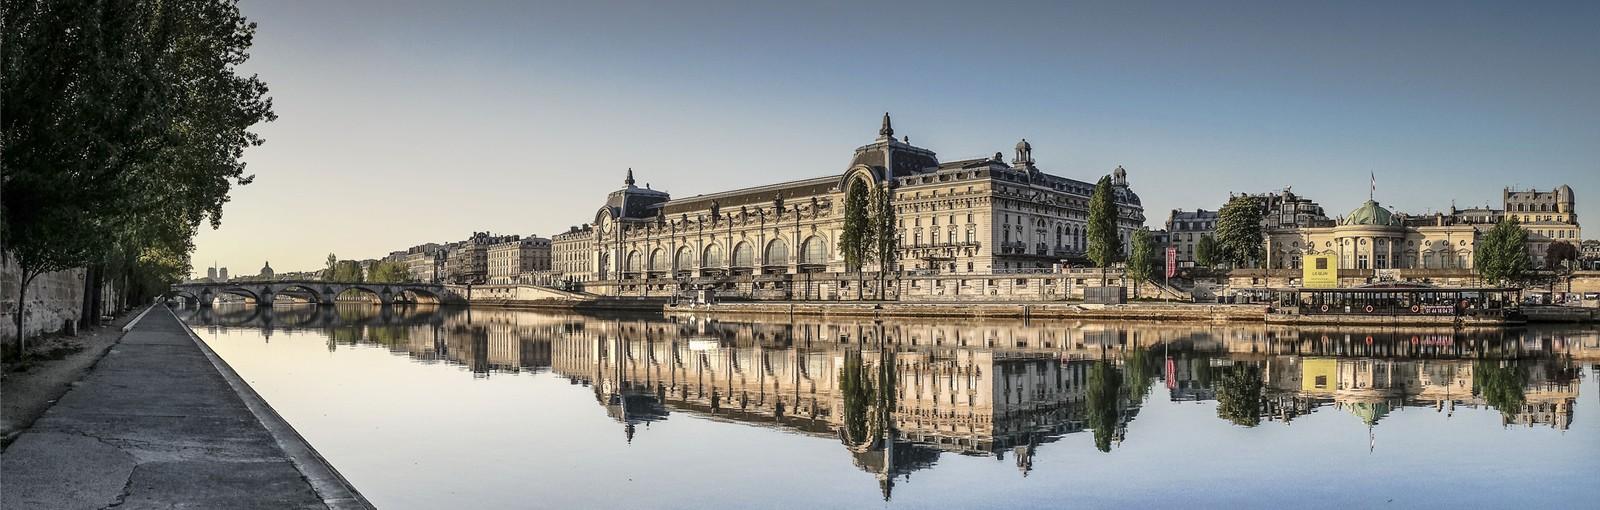 Paris - Le musée d'Orsay